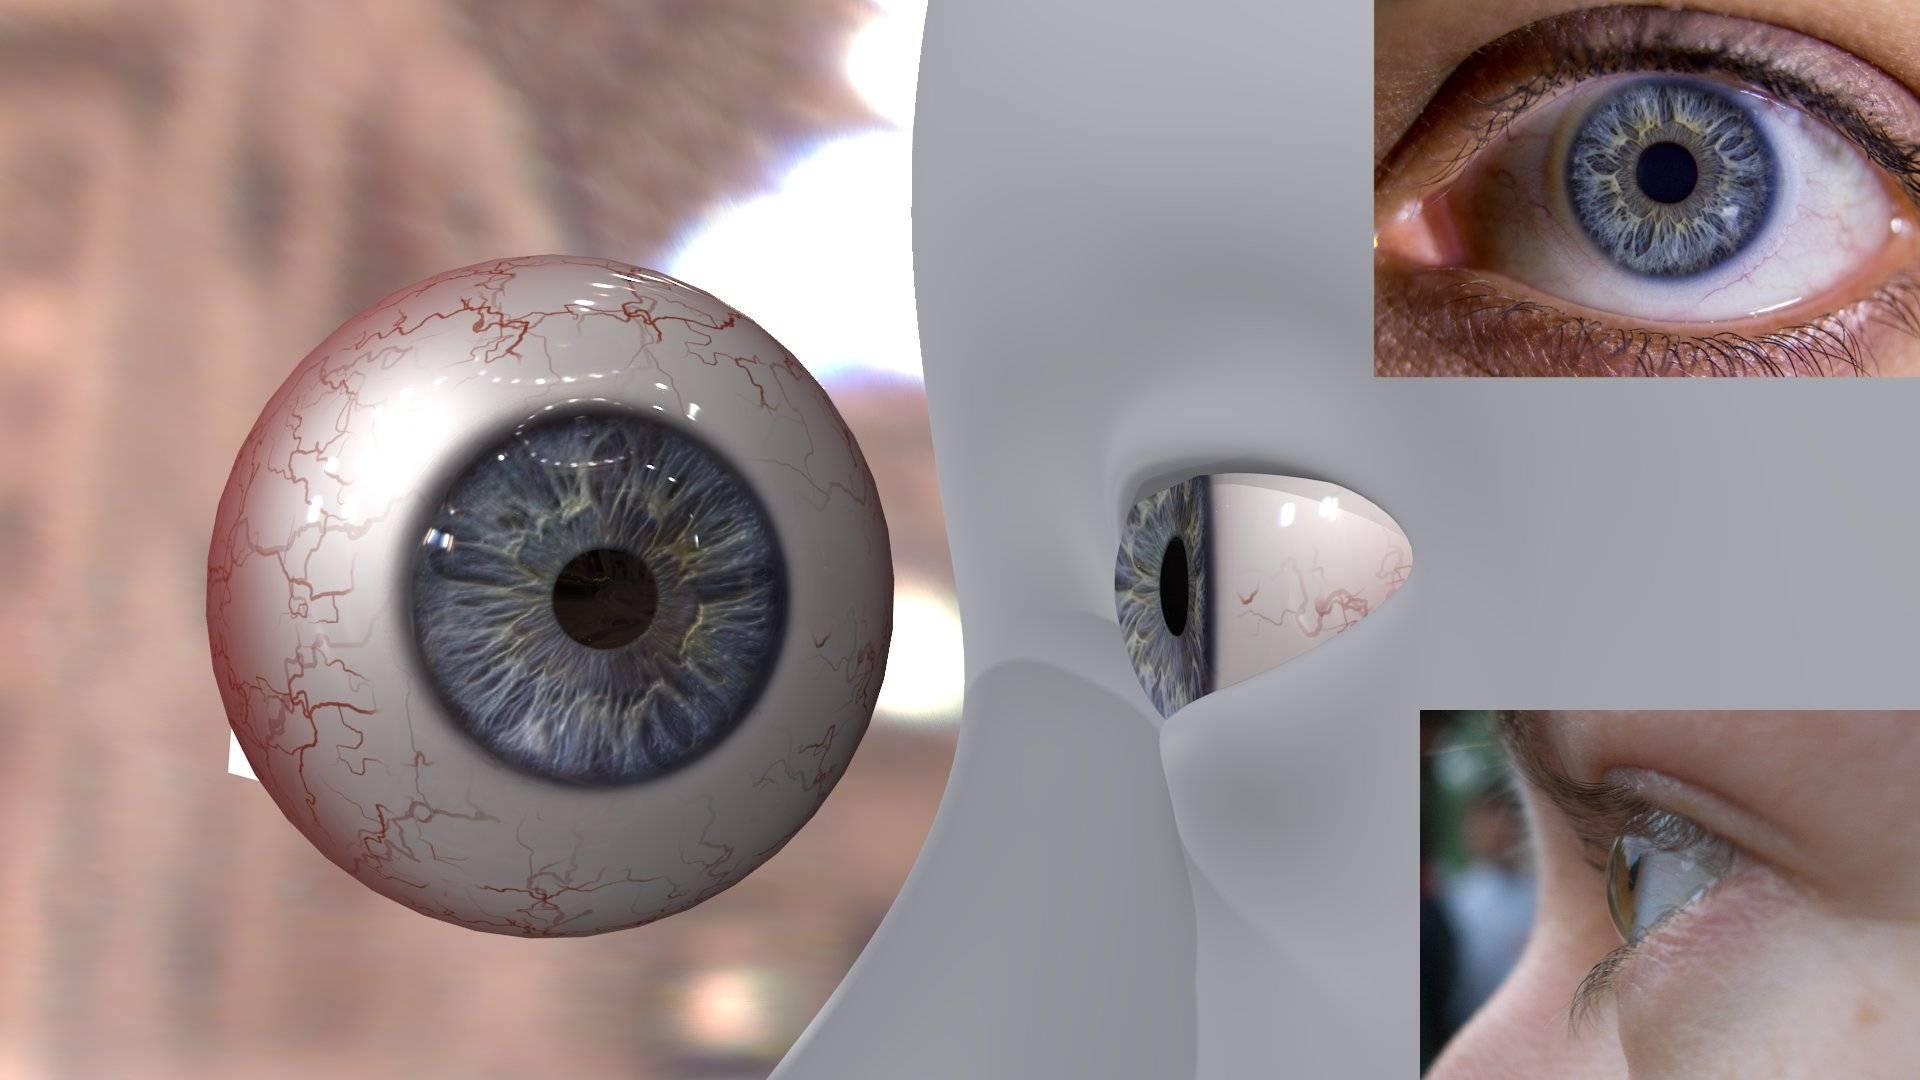 Опасное баловство или невероятно полезное изобретение: портят ли линзы зрение?